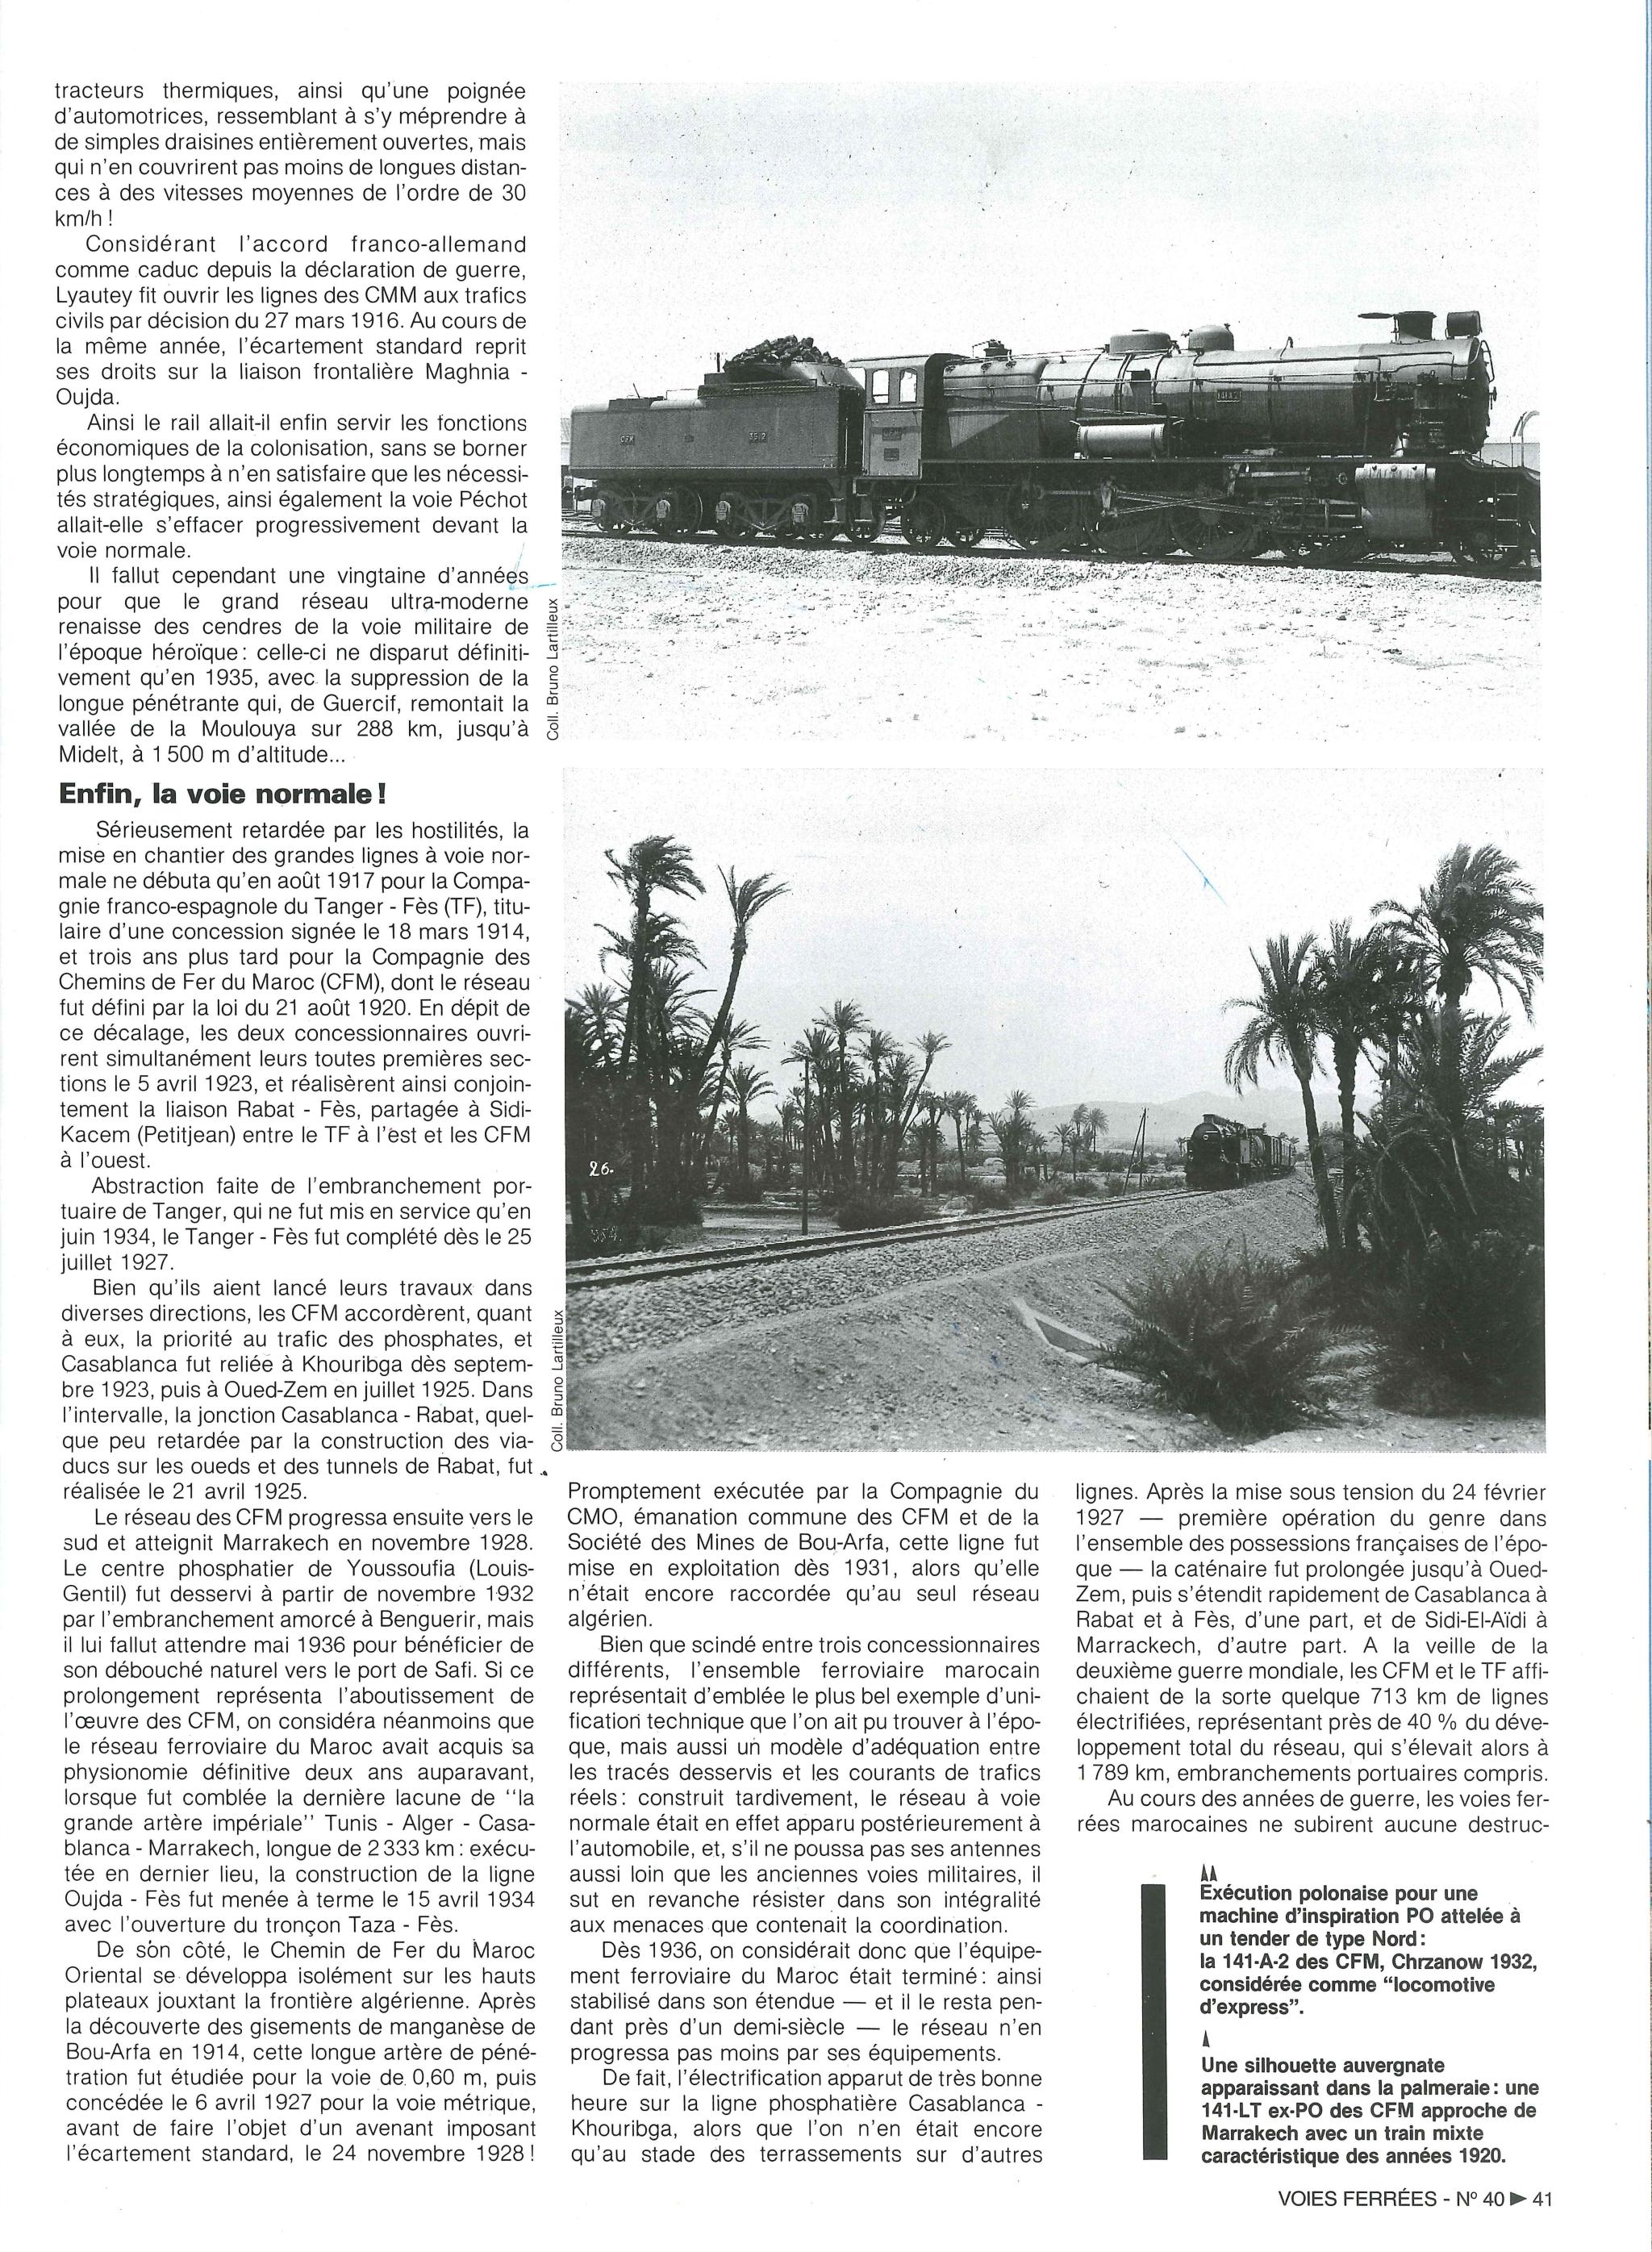 Chemins de Fer au Maroc - ONCF  - Page 4 49610013372_f62c9688dd_o_d